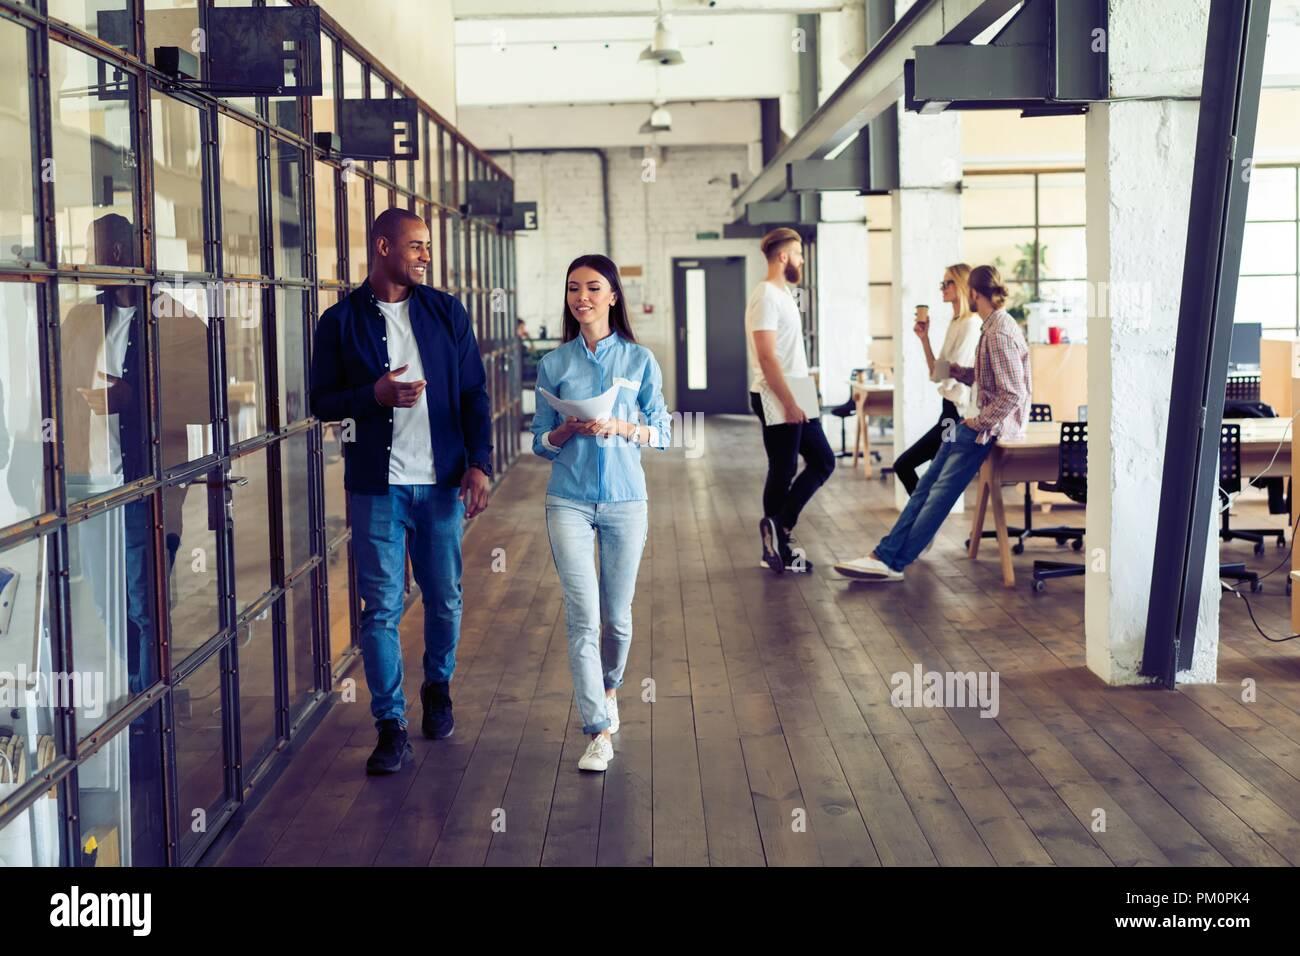 Recuperando il ritardo prima della riunione. Per tutta la lunghezza della giovane gente moderna in smart casual discutere di affari e sorridenti mentre si cammina attraverso il corridoio di office. Immagini Stock